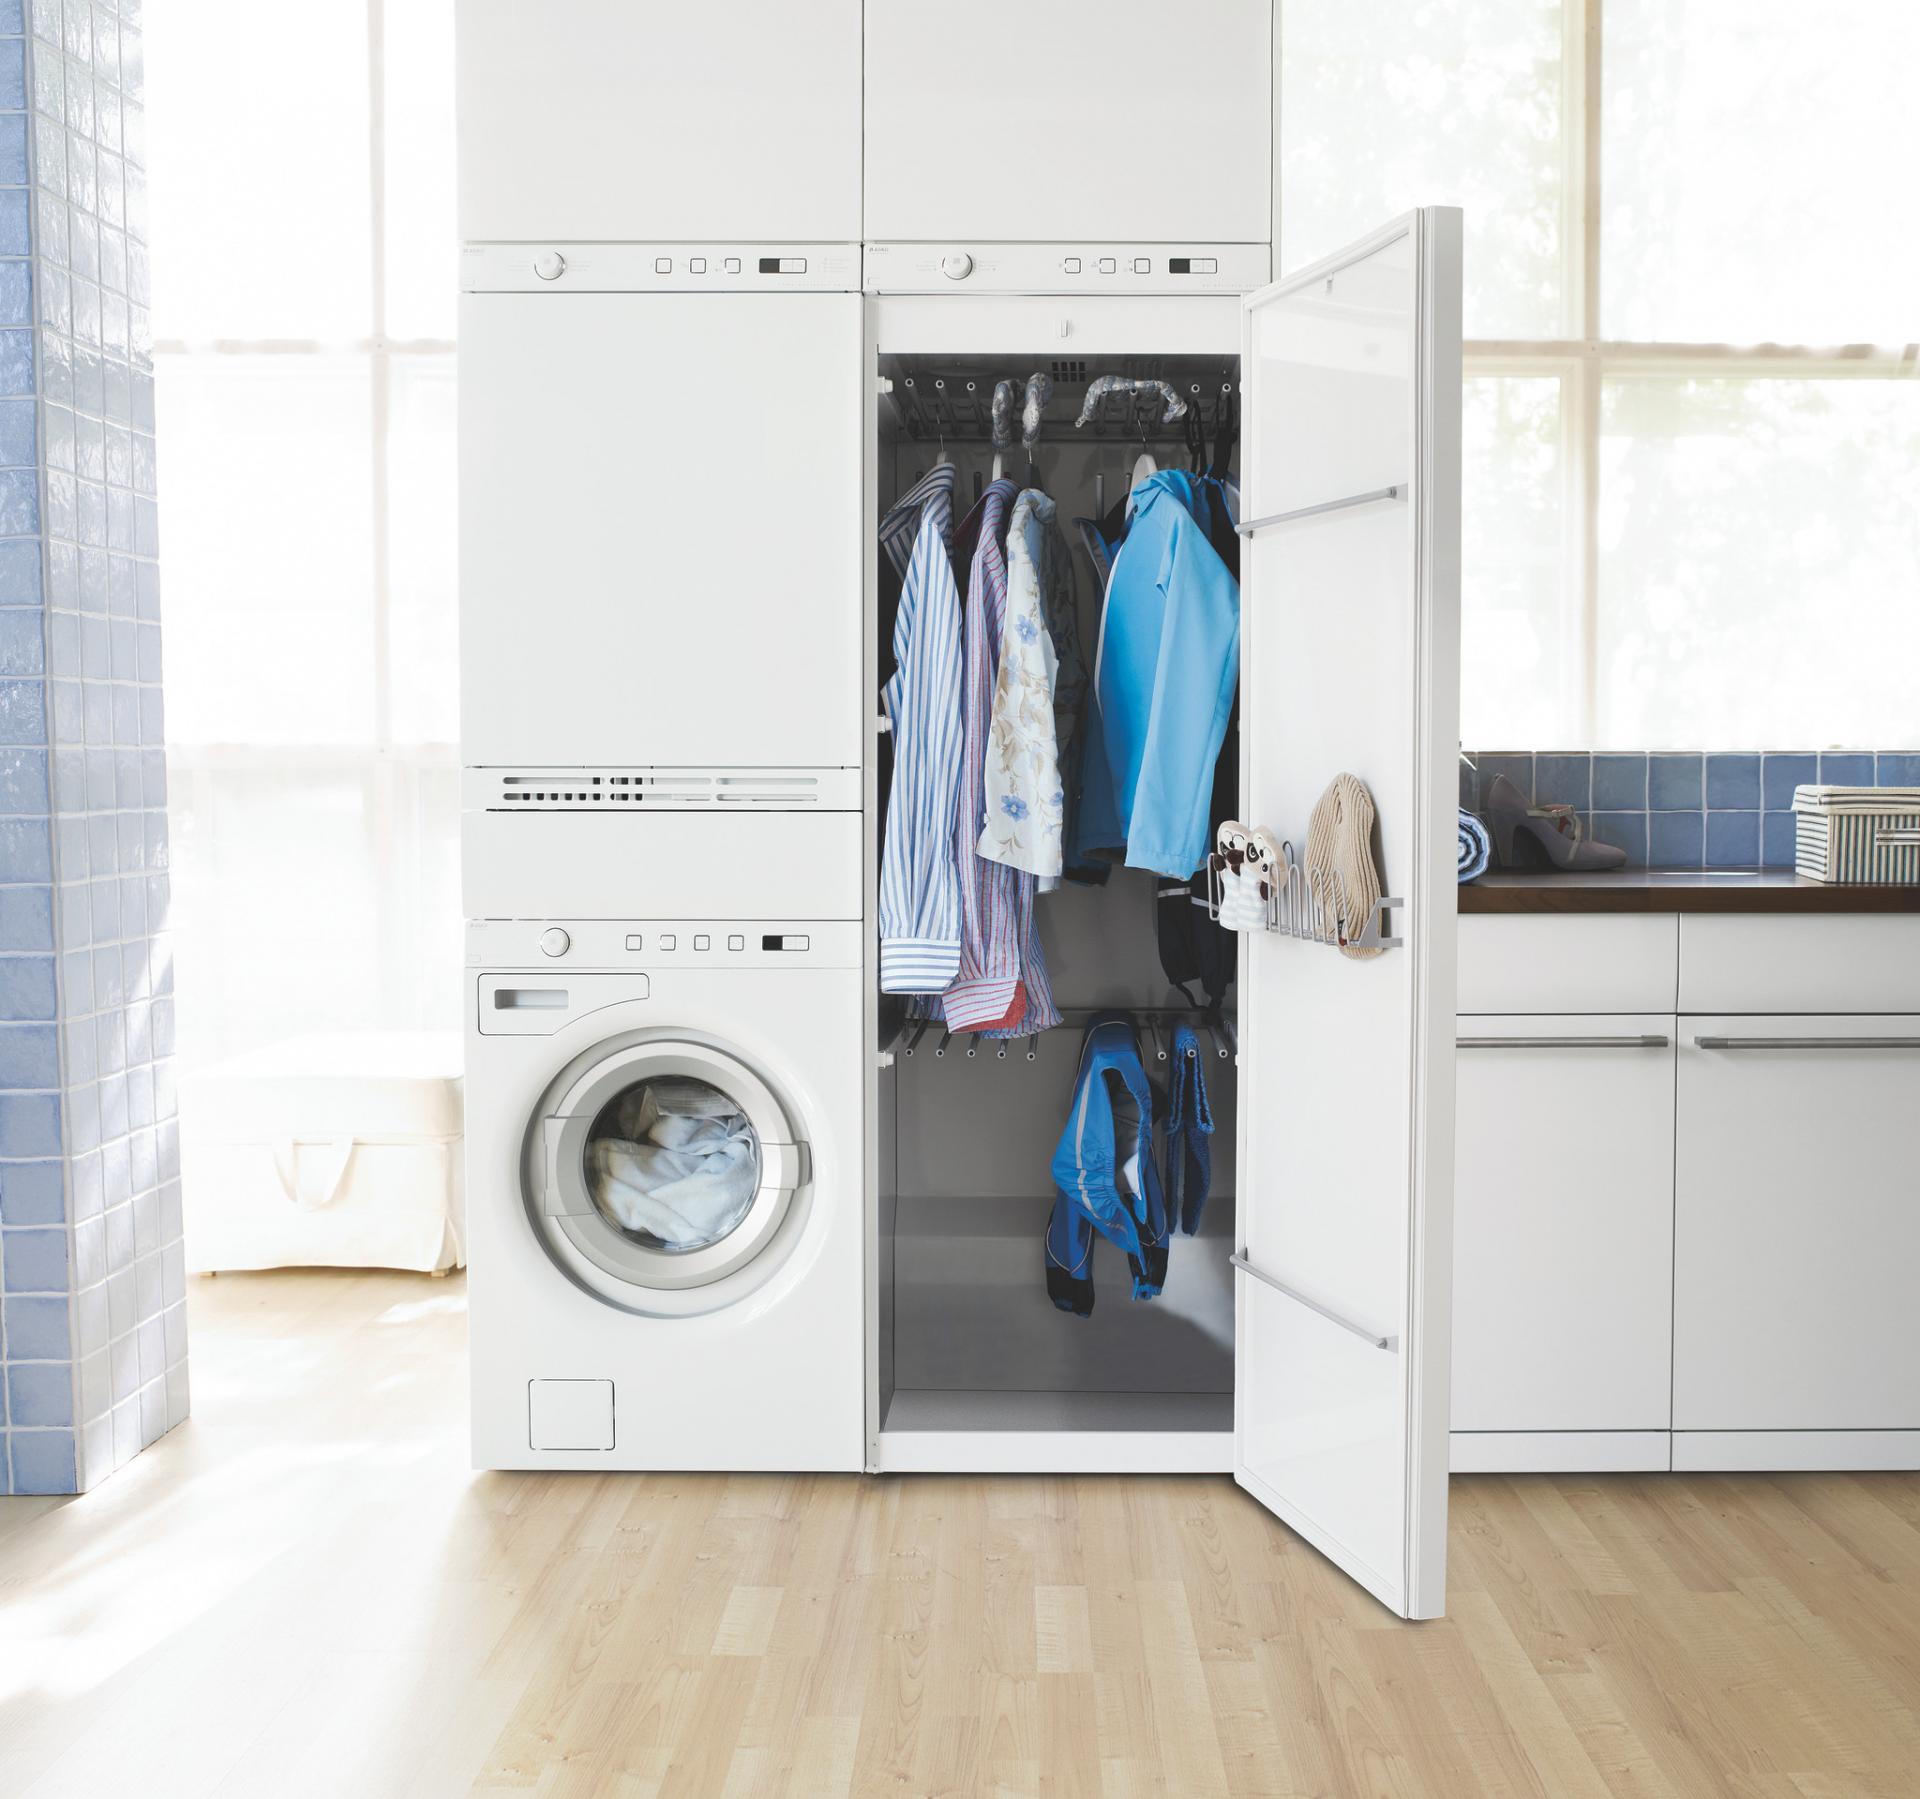 Сушильная машина напоминает больше шкаф.